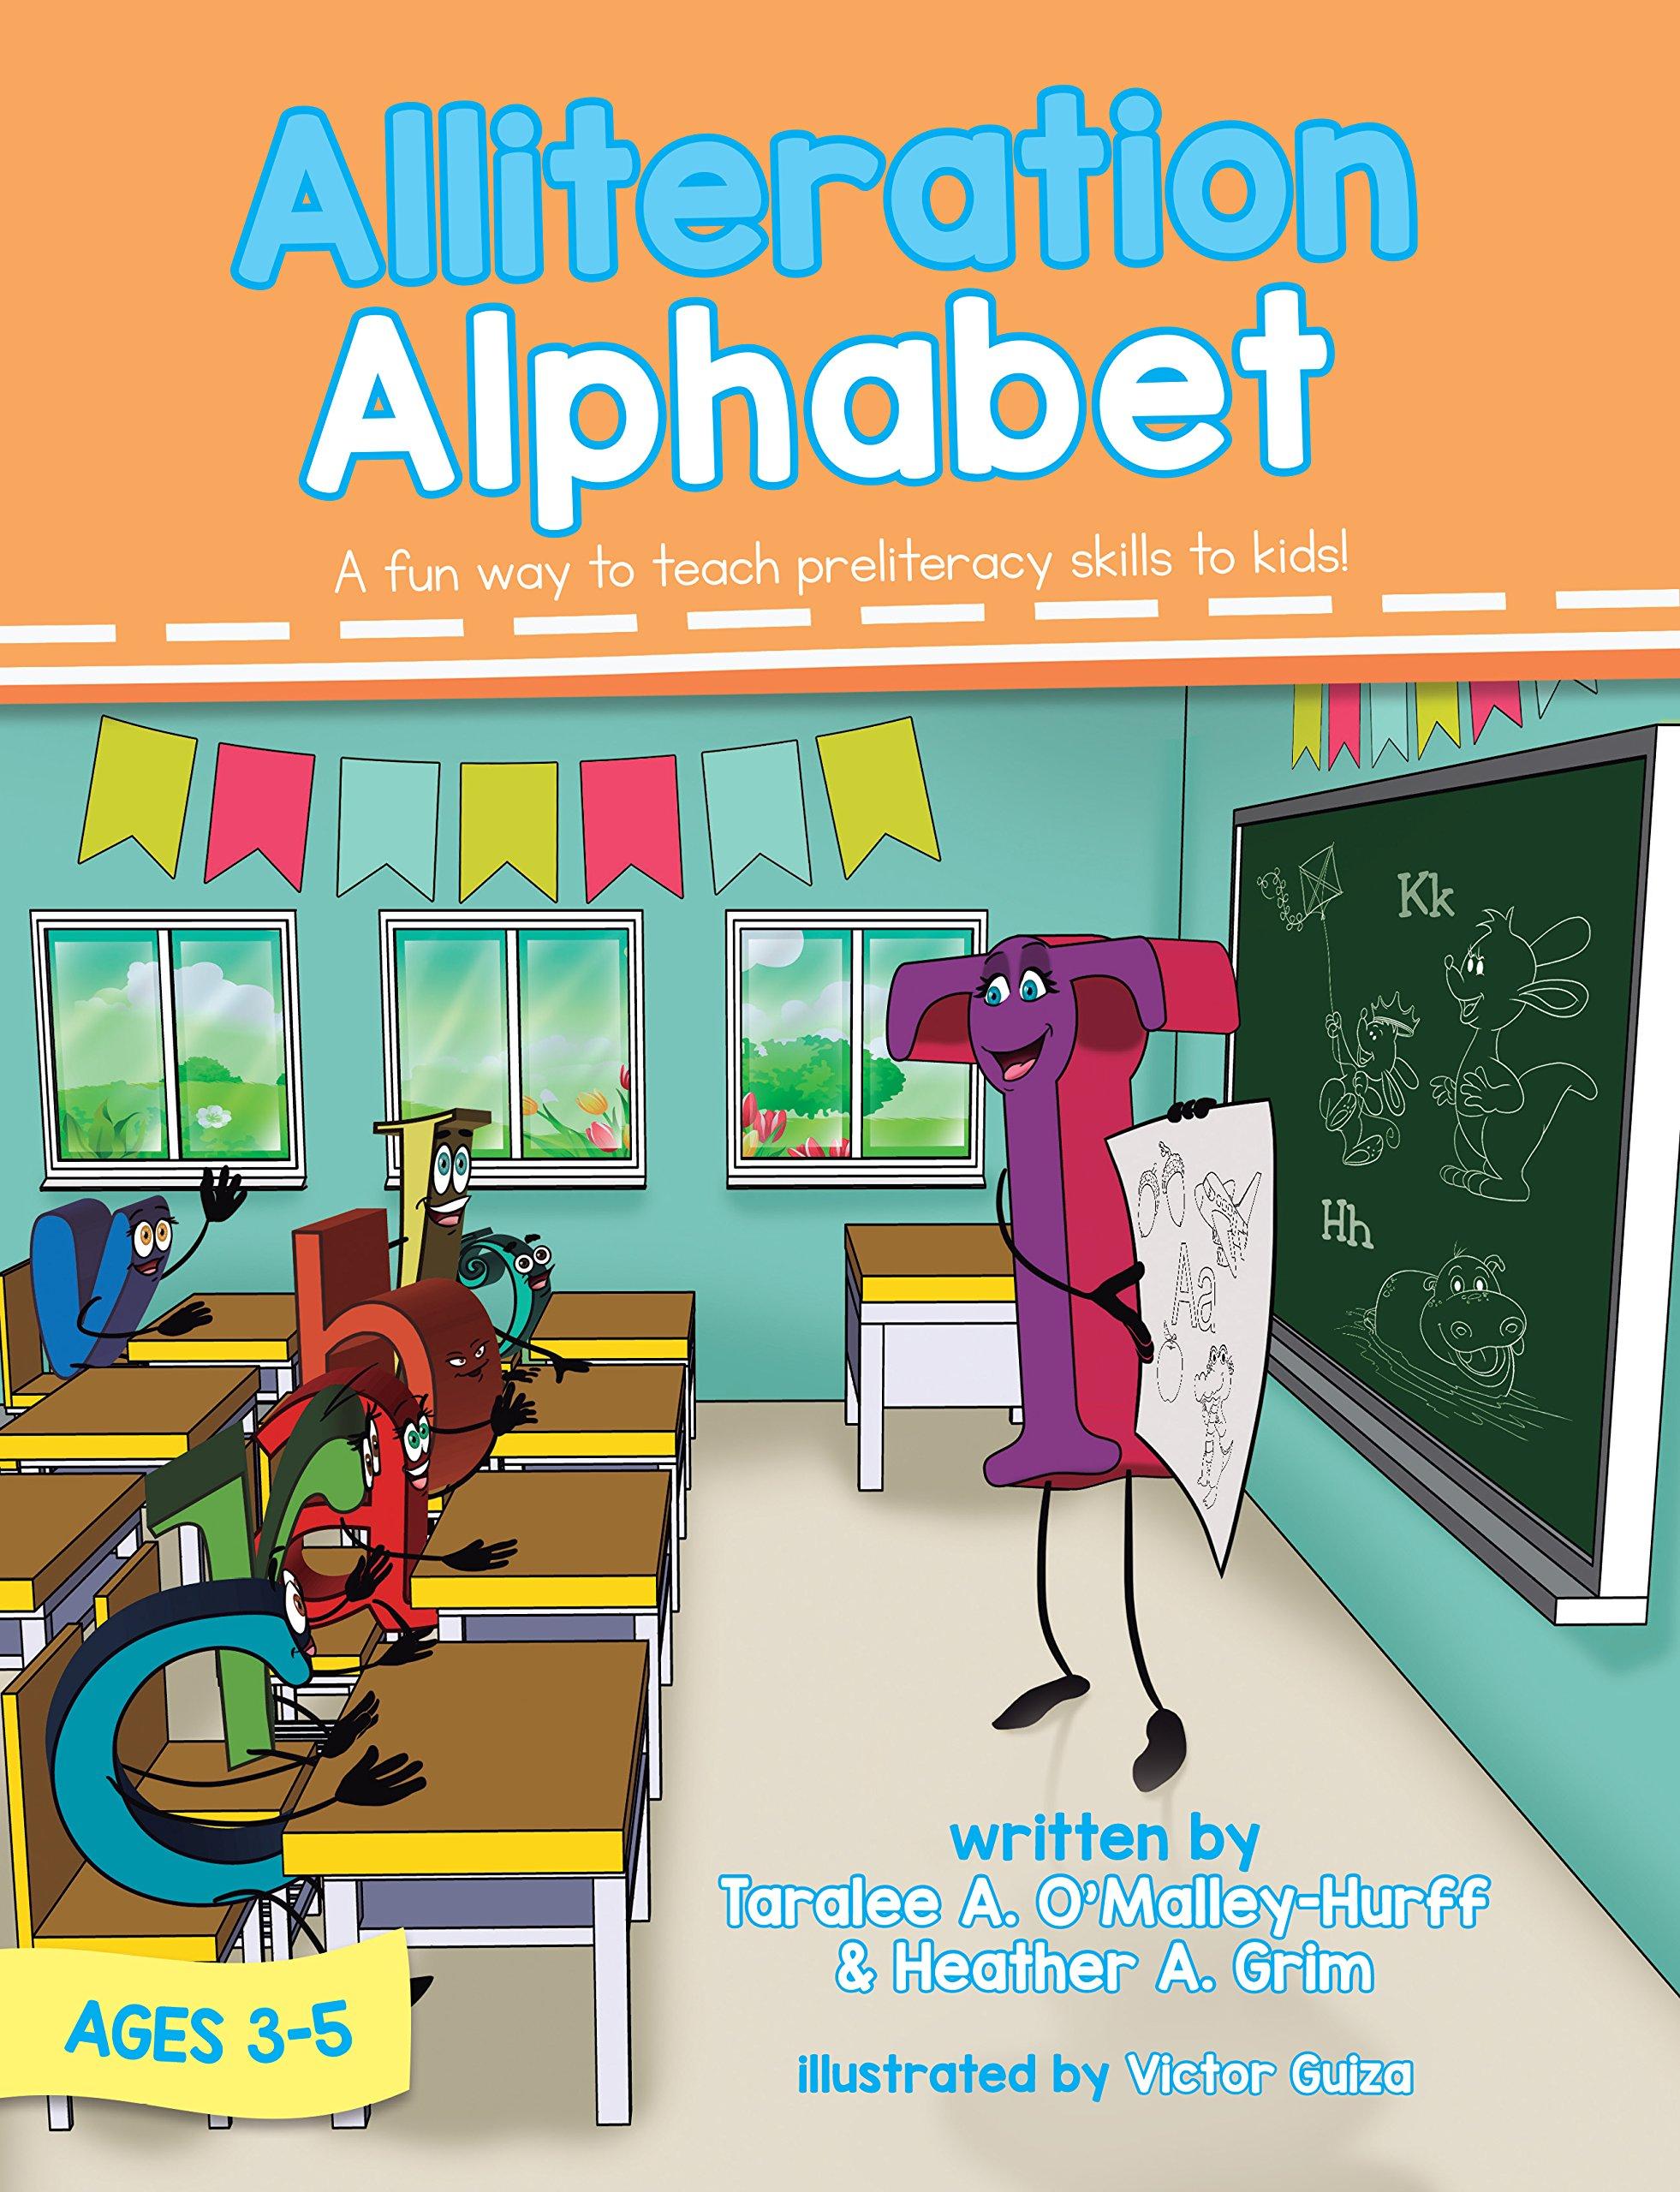 Alliteration Alphabet: A fun way to teach preliteracy skills to kids!